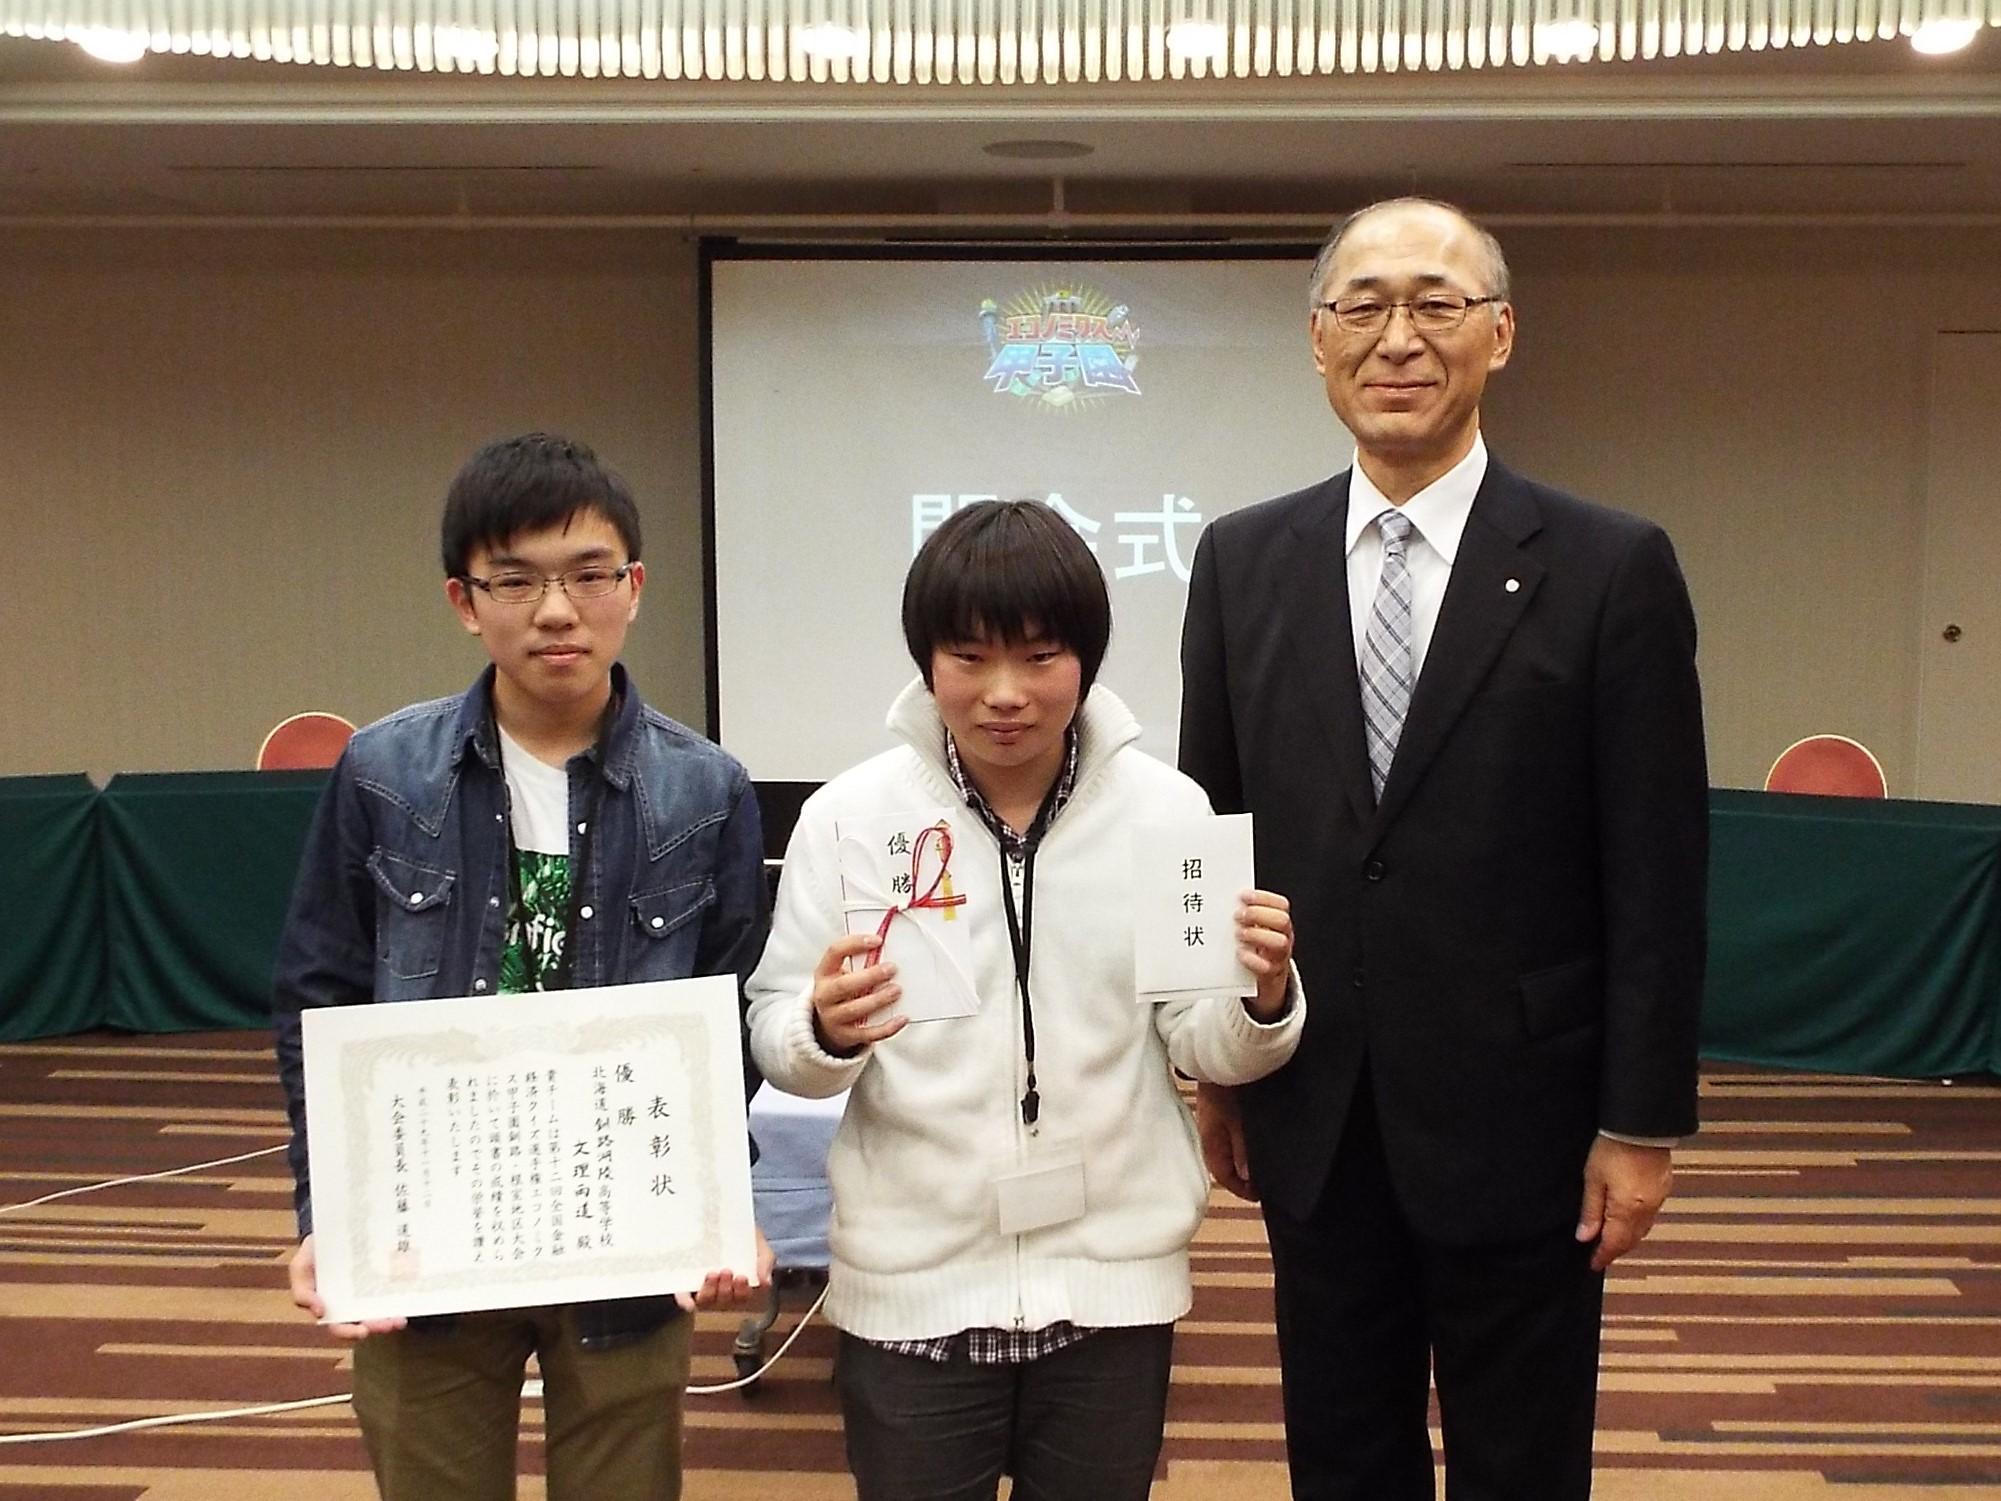 優勝チーム(文理両道)4.3